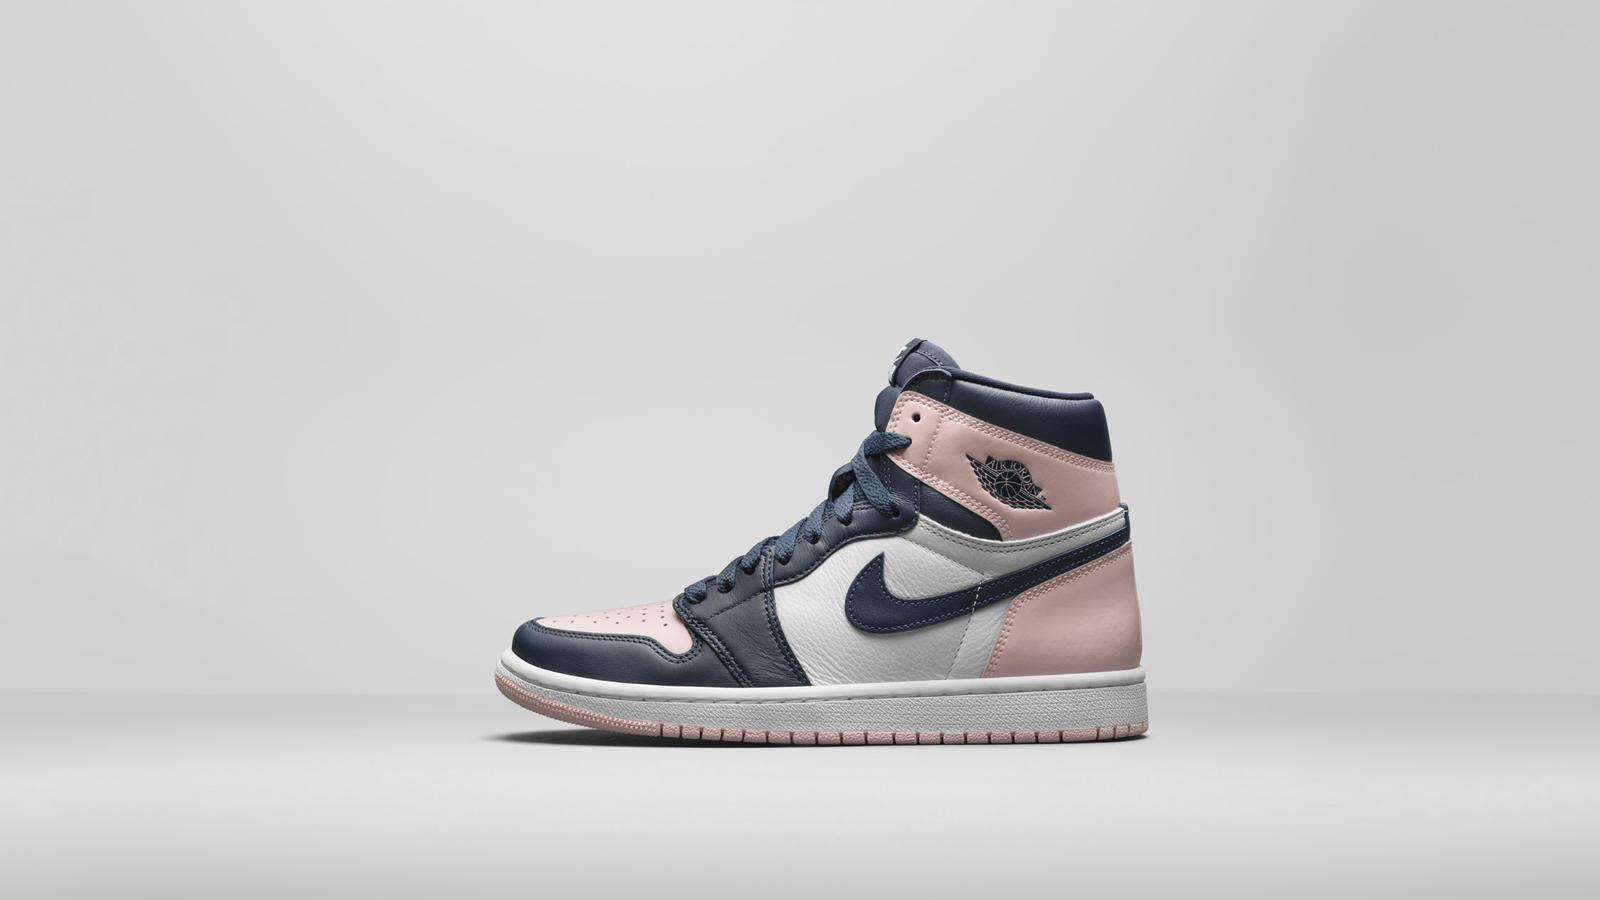 Nike News Jordan Brand Ho21 Retro Preview Aj I Retro Hi Og Dd9335 641 A1 Lateral V02 Lr